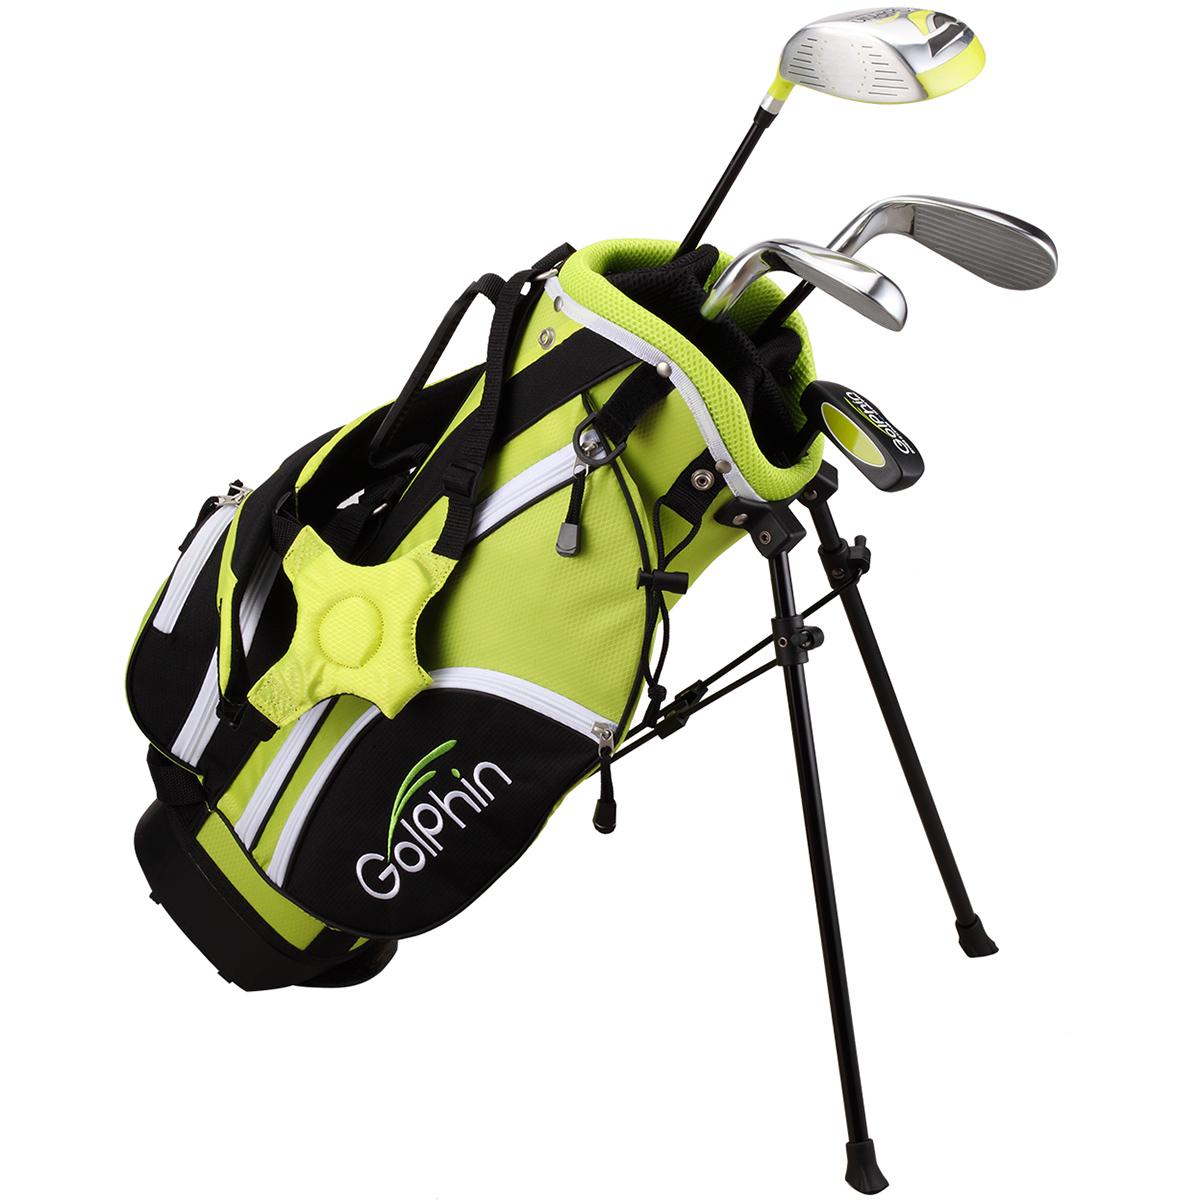 ゴルフィン クラブセット526(4本セット) 5-6歳用ジュニア